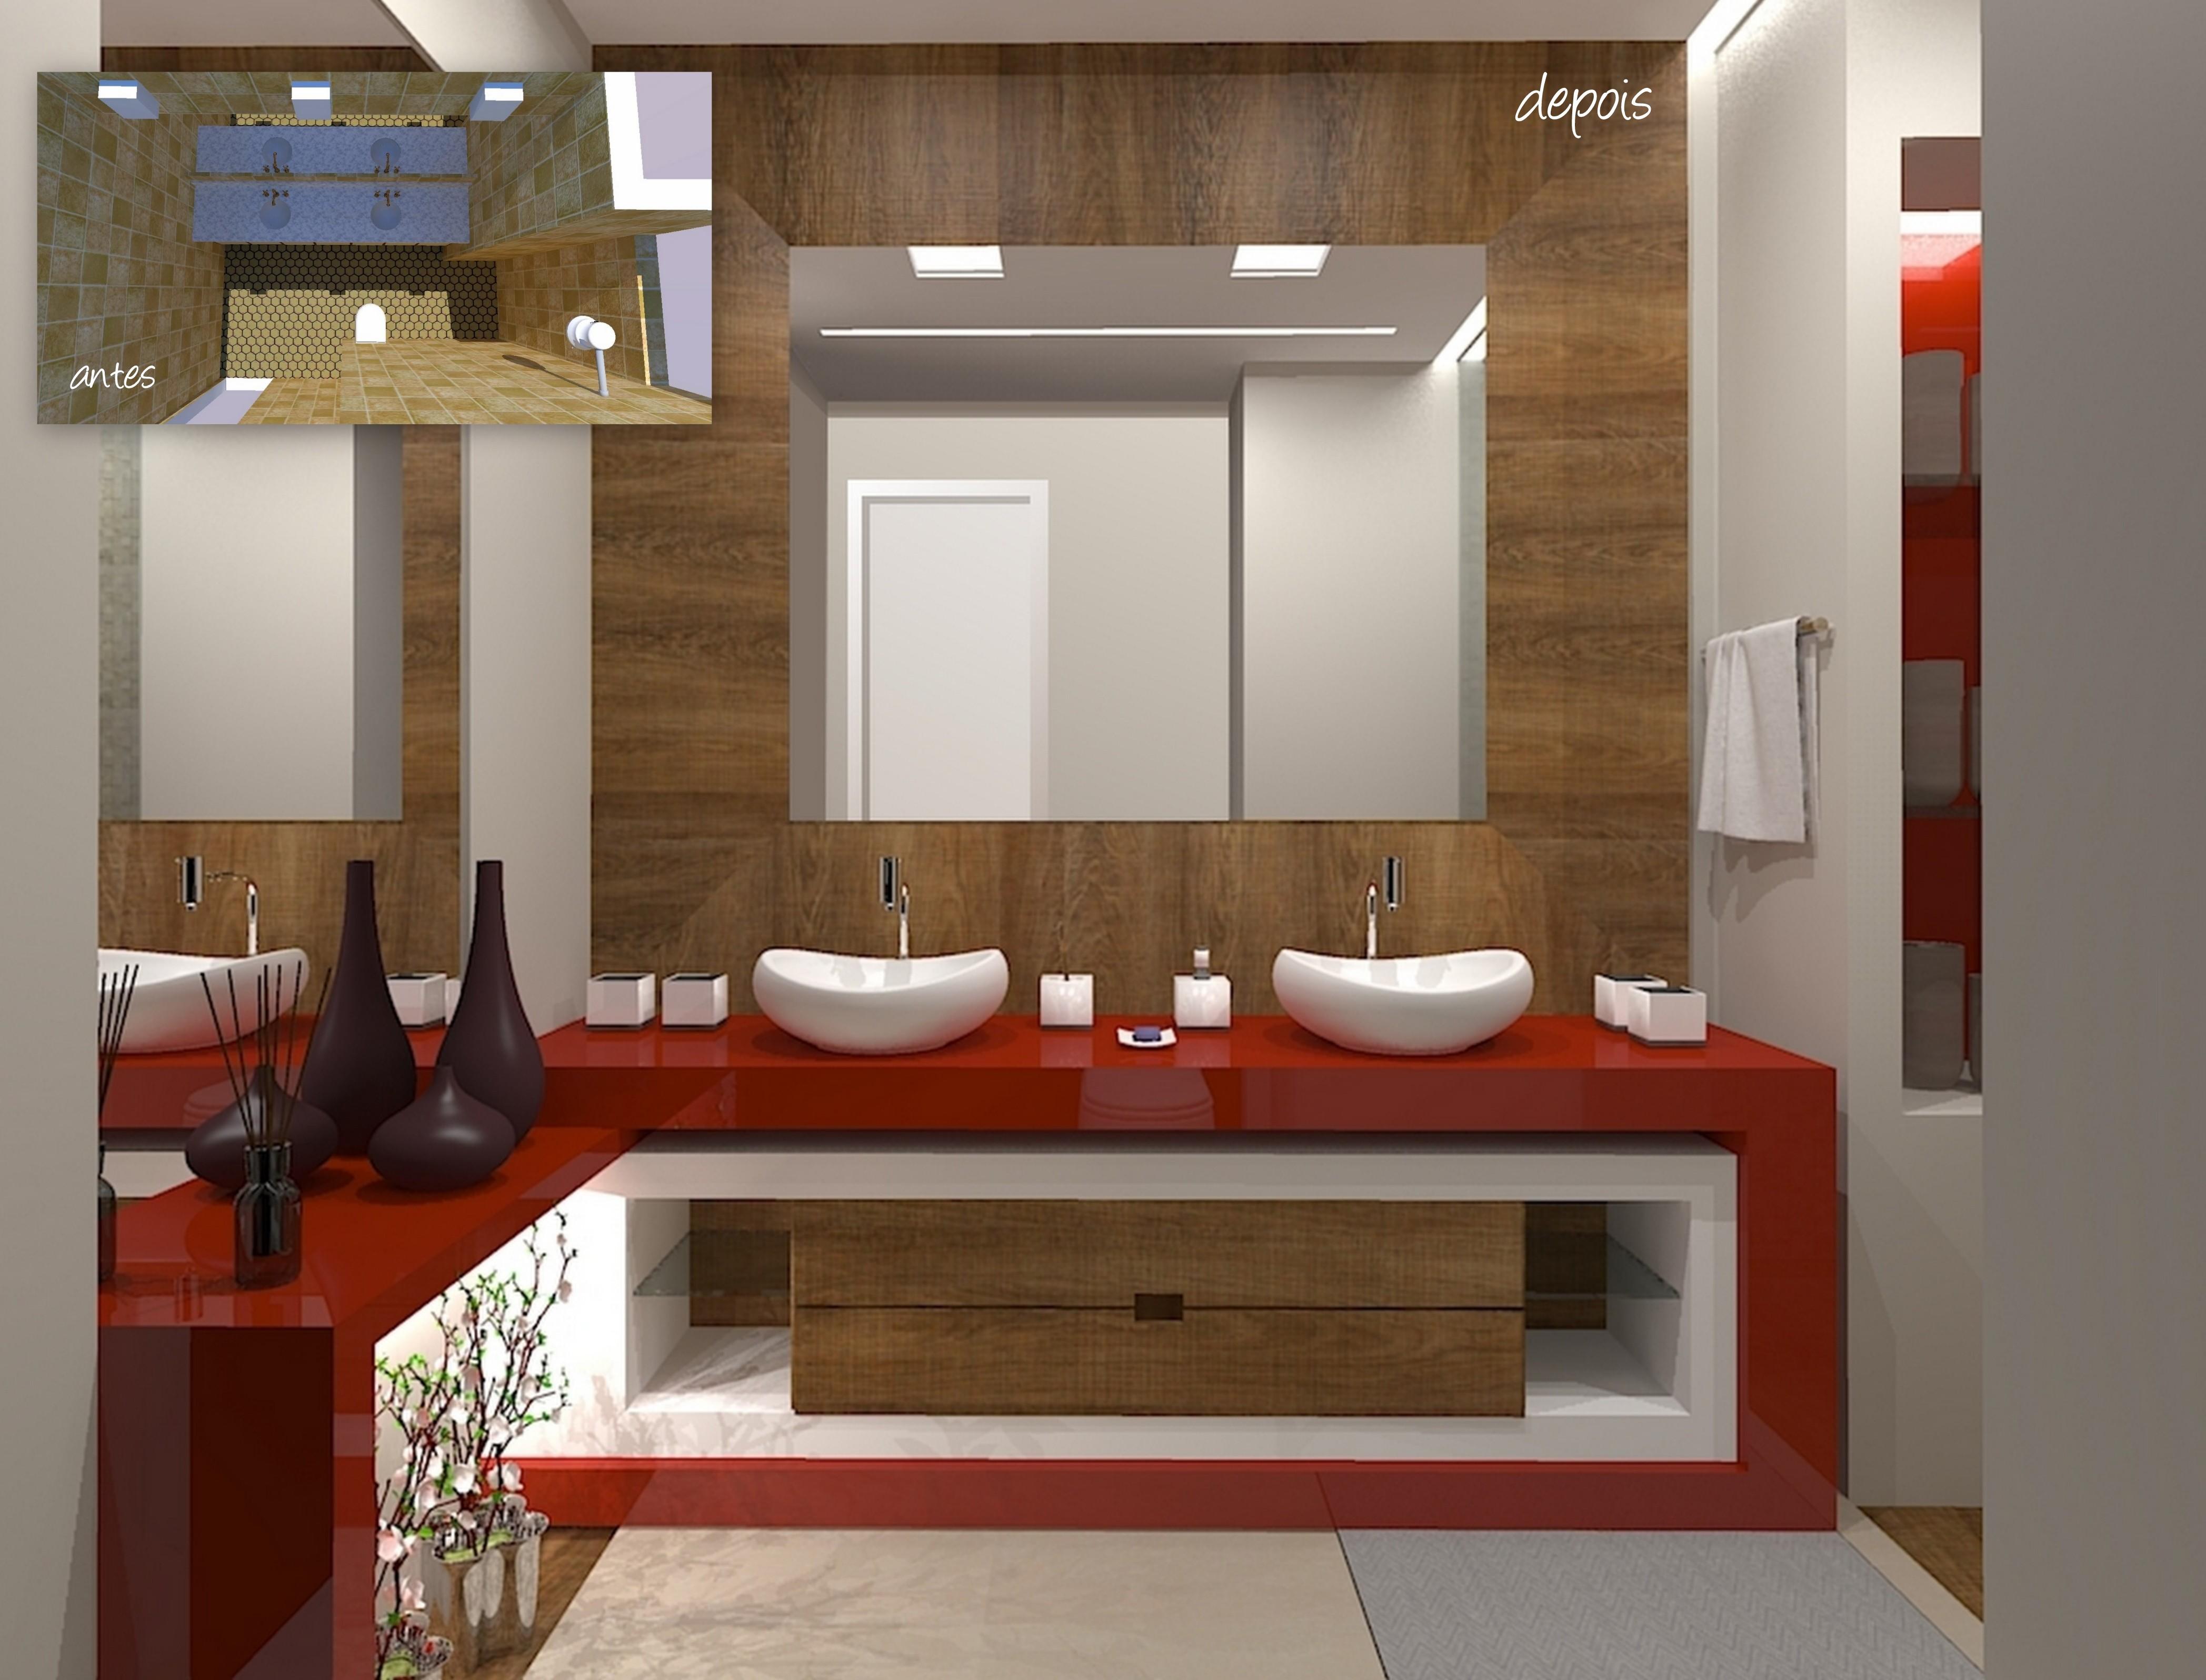 escolha para quem quer qualidade e grande charme em um banheiro #B62F15 4191 3192